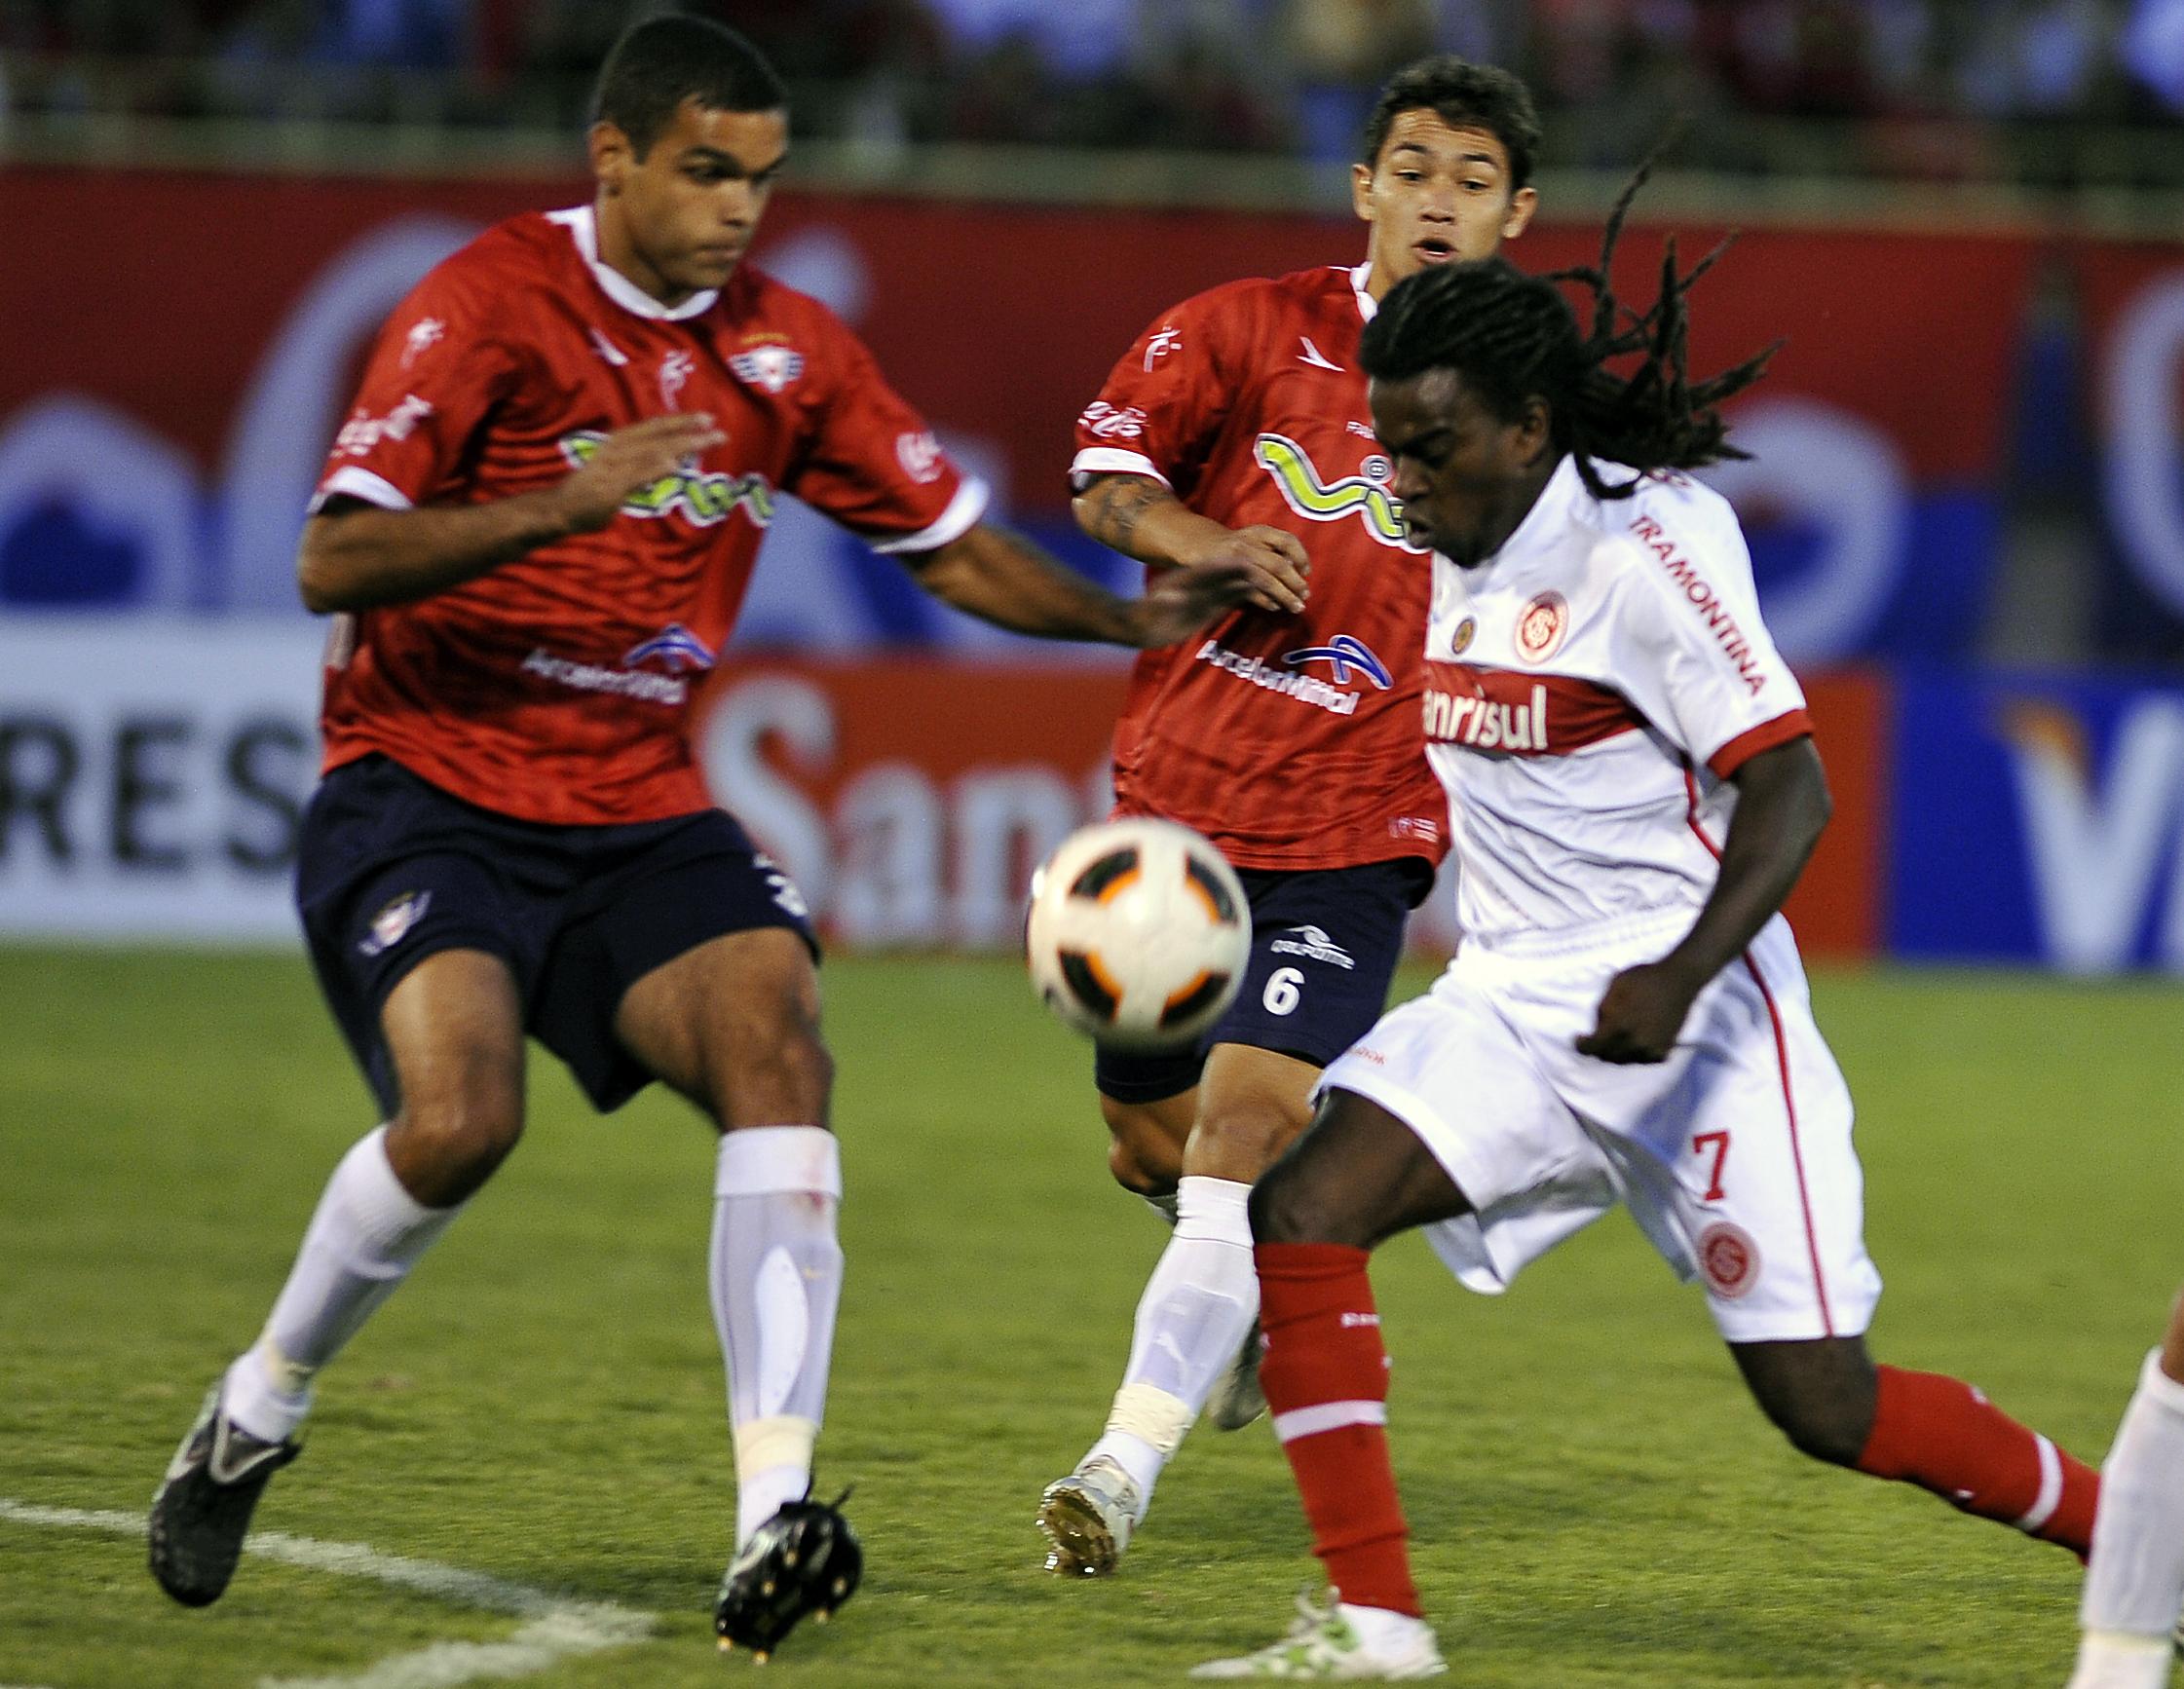 Copa Libertadores 2011 Wilstermann